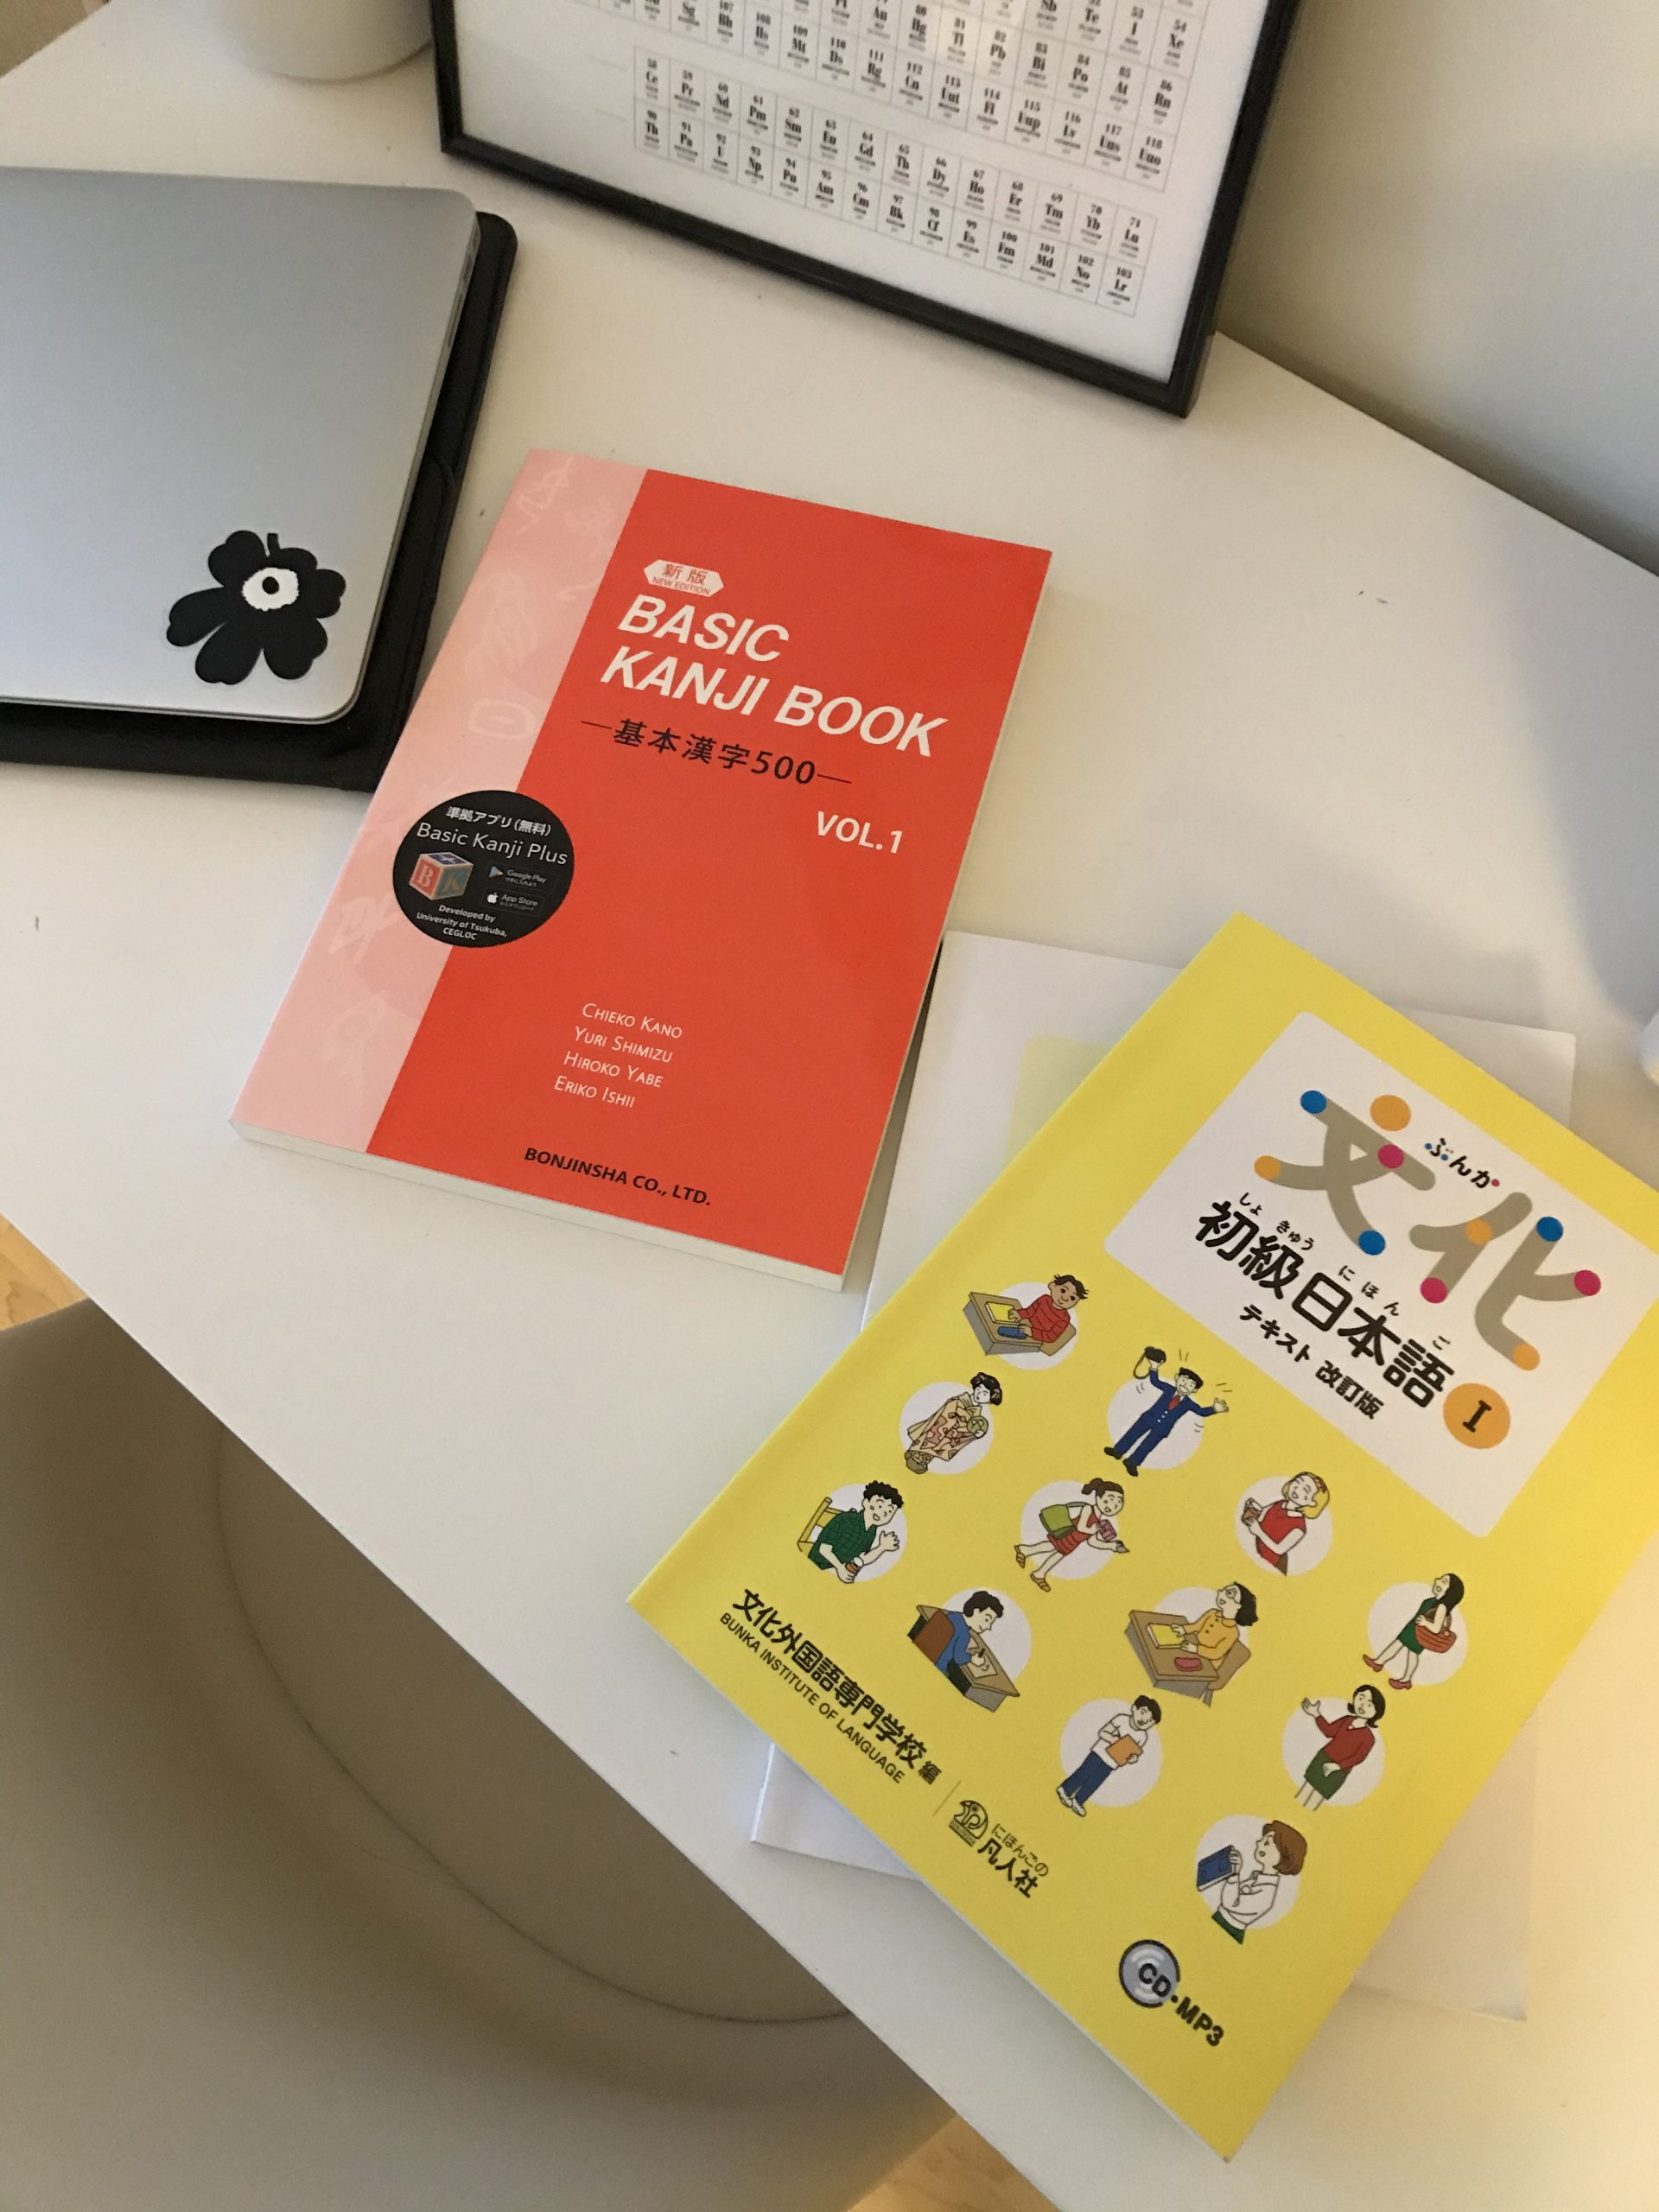 Japanin kielen perusteet 1- kurssin oppikirjoja kuvattuna päältä